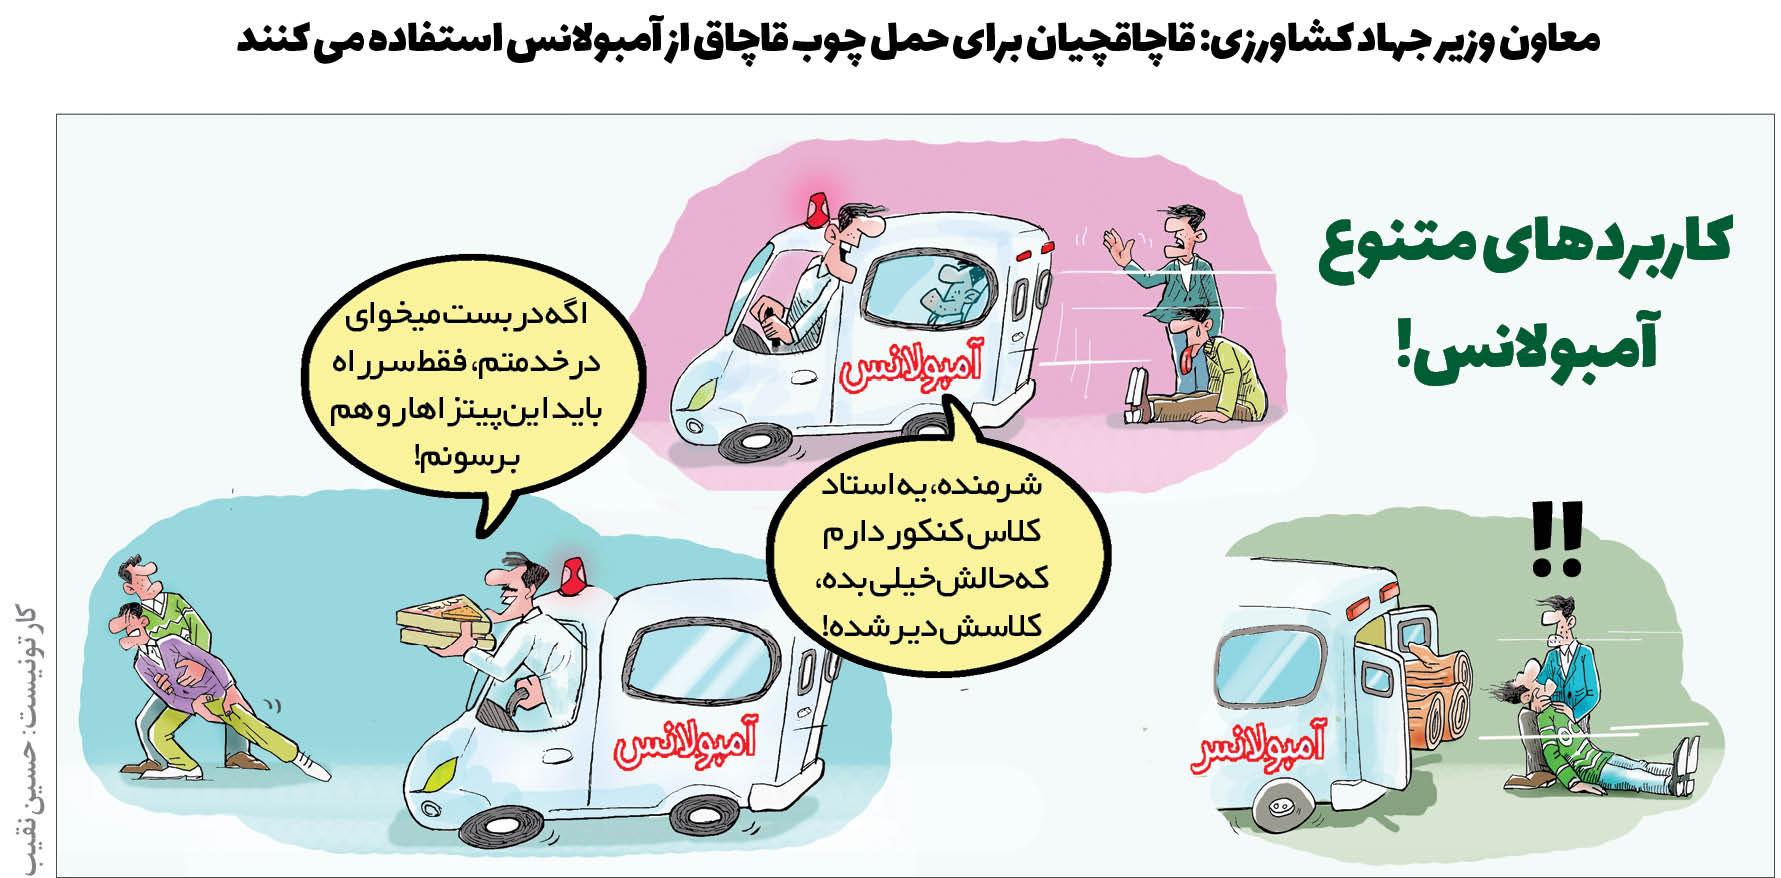 کارتون/ قاچاقچیان برای حمل چوب قاچاق از آمبولانس استفاده می کنند!